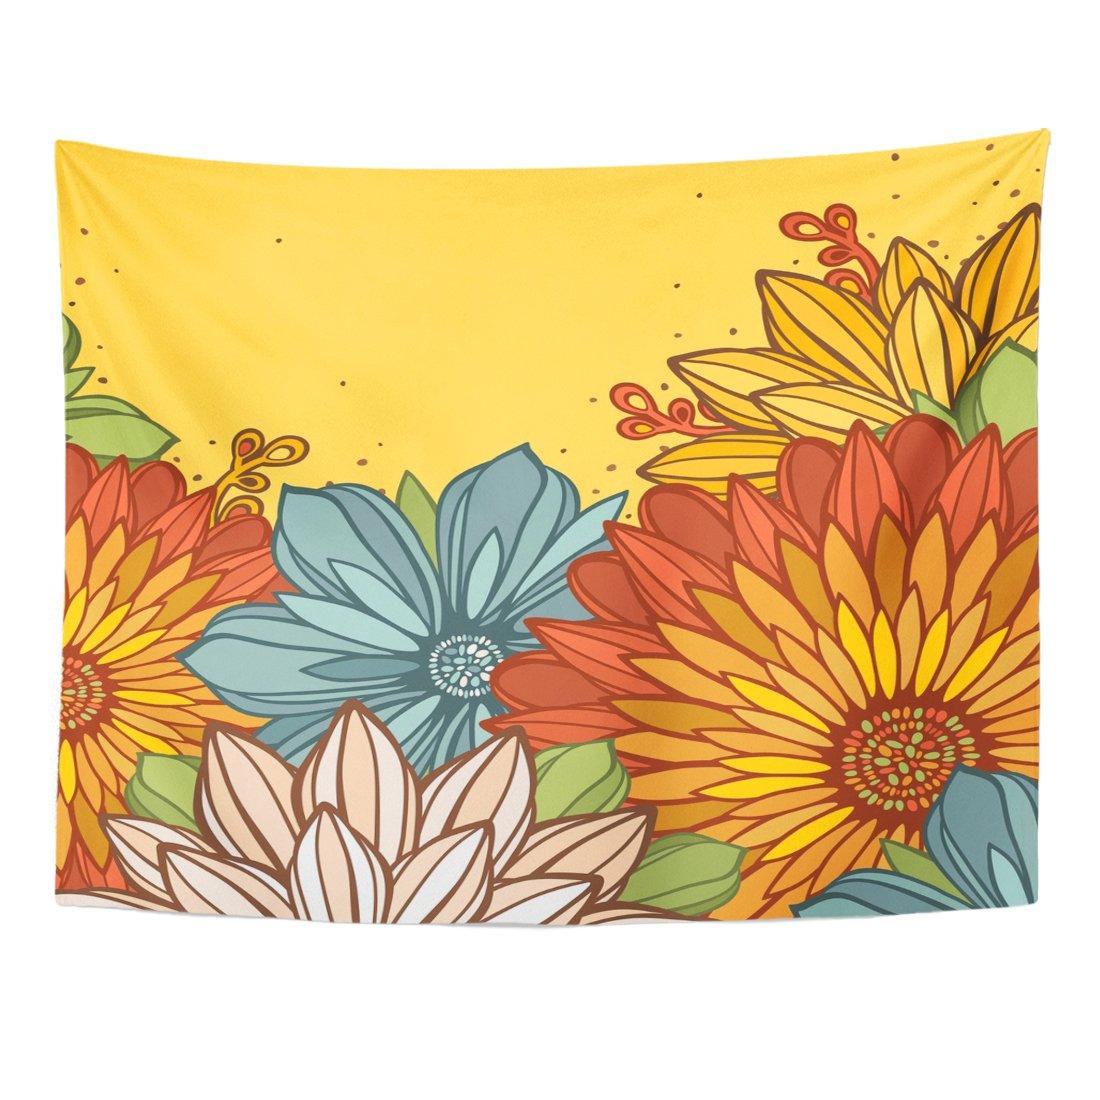 breezatタペストリーブルーフローラルFestive大きな黄色の抽象的マルチカラー花と配置カラフル美しいホーム装飾壁吊り用リビングルームベッドルーム寮 60